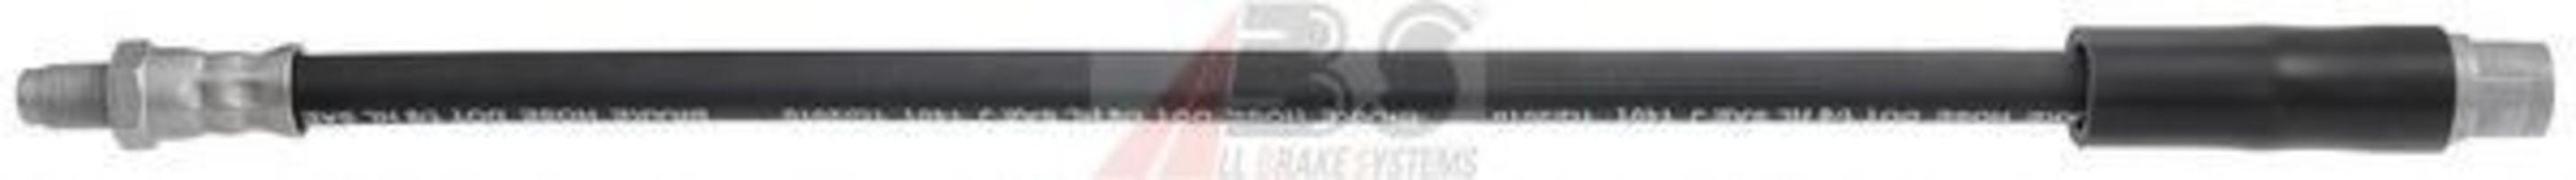 Шланг тормозной A.B.S. SL 5813